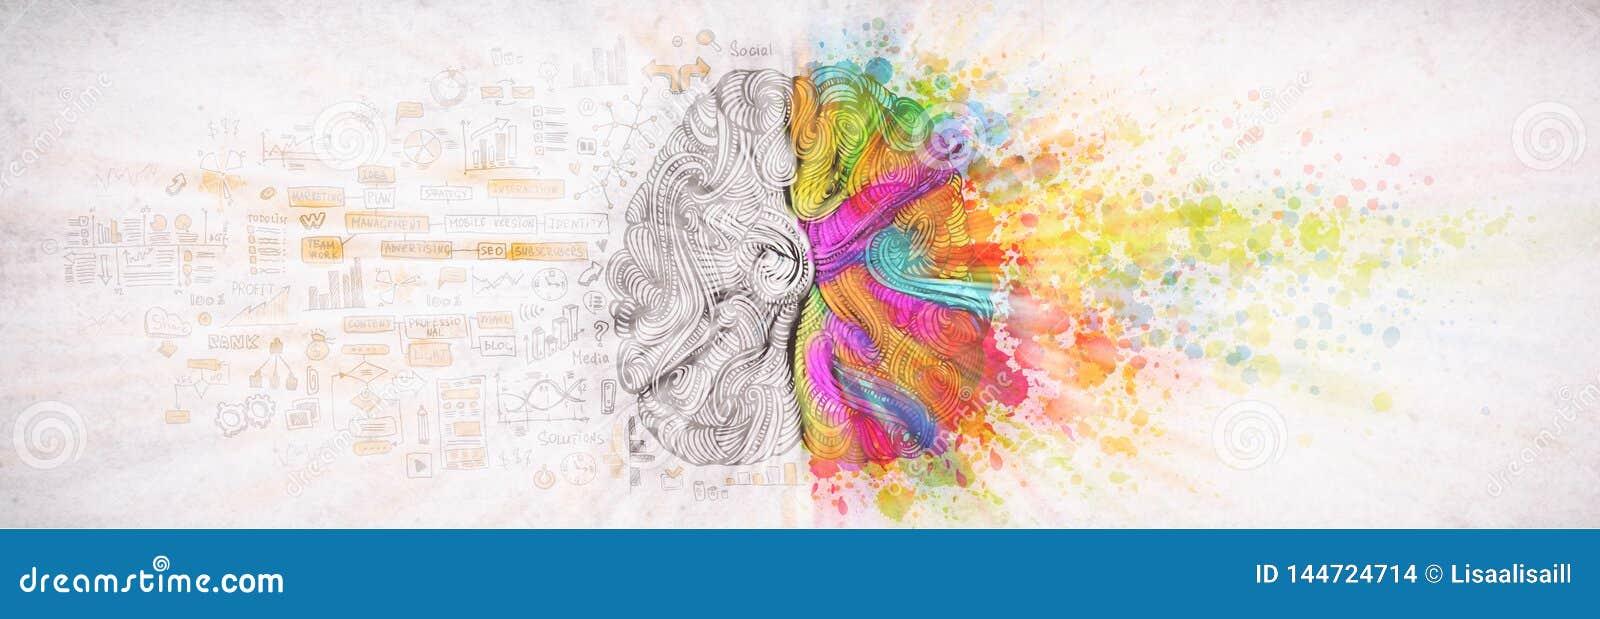 Левая концепция человеческого мозга, текстурированная иллюстрация Творческая левая и правая часть человеческого мозга, emotial и